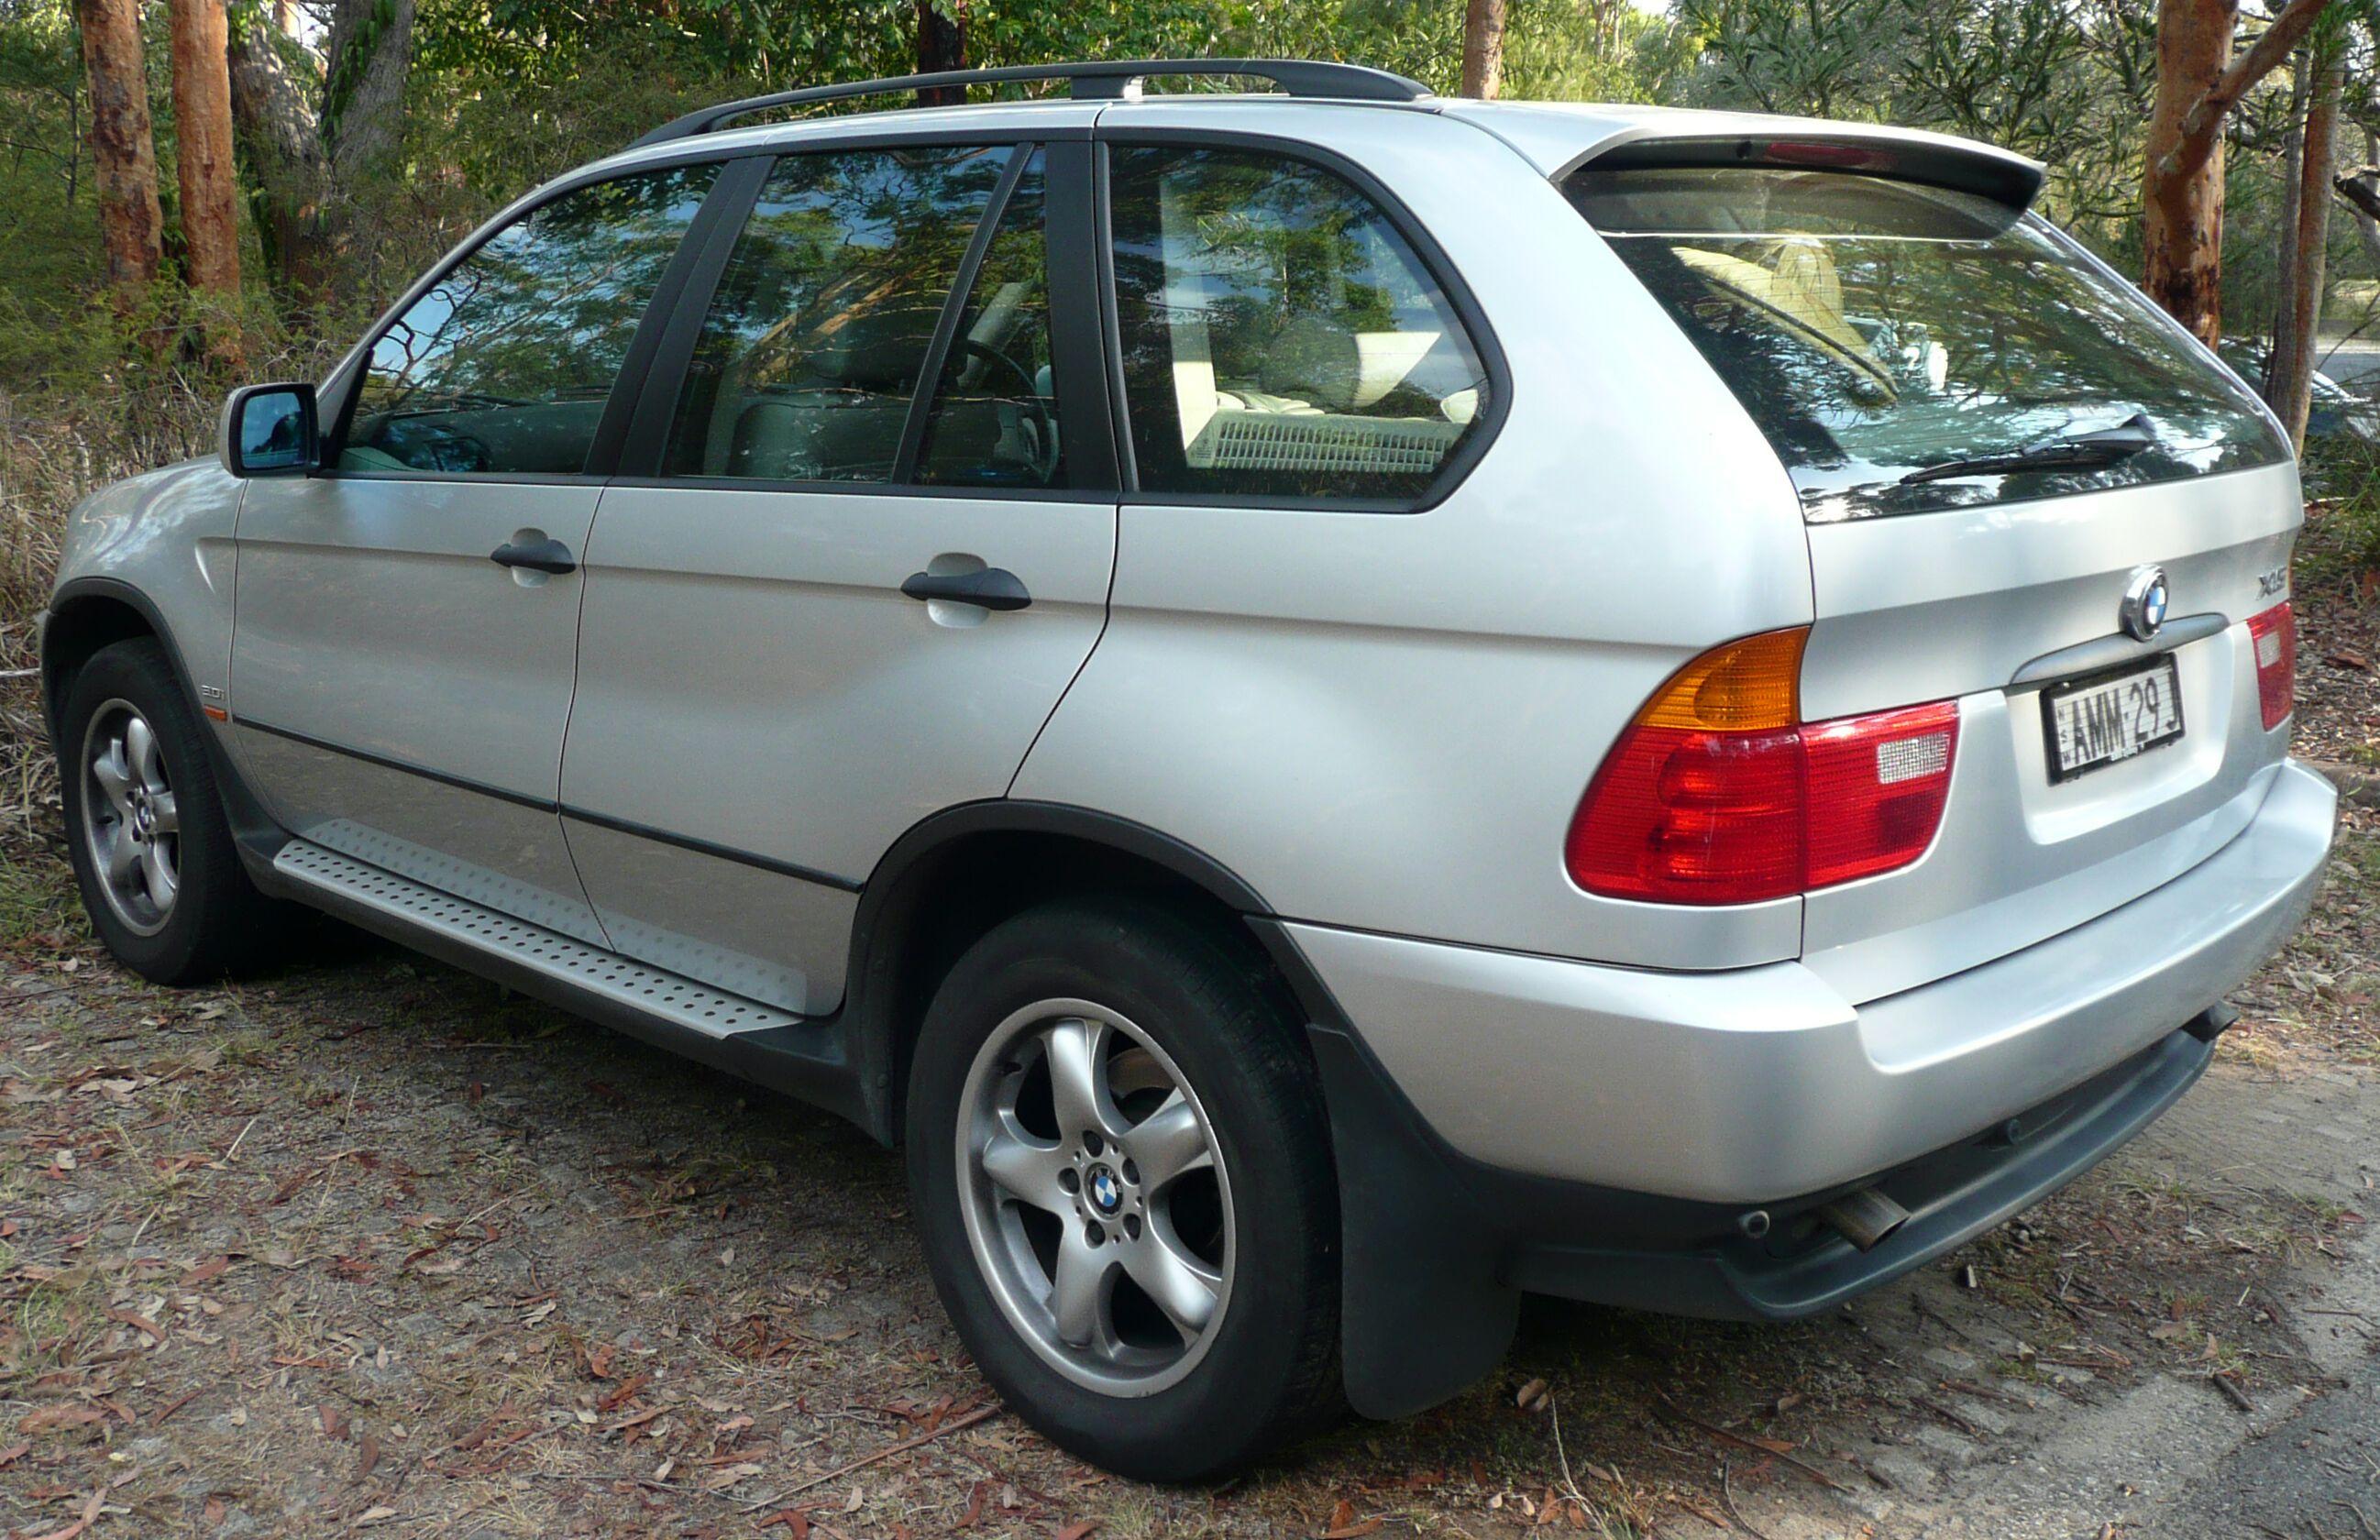 Pre-facelift BMW E53 X5.